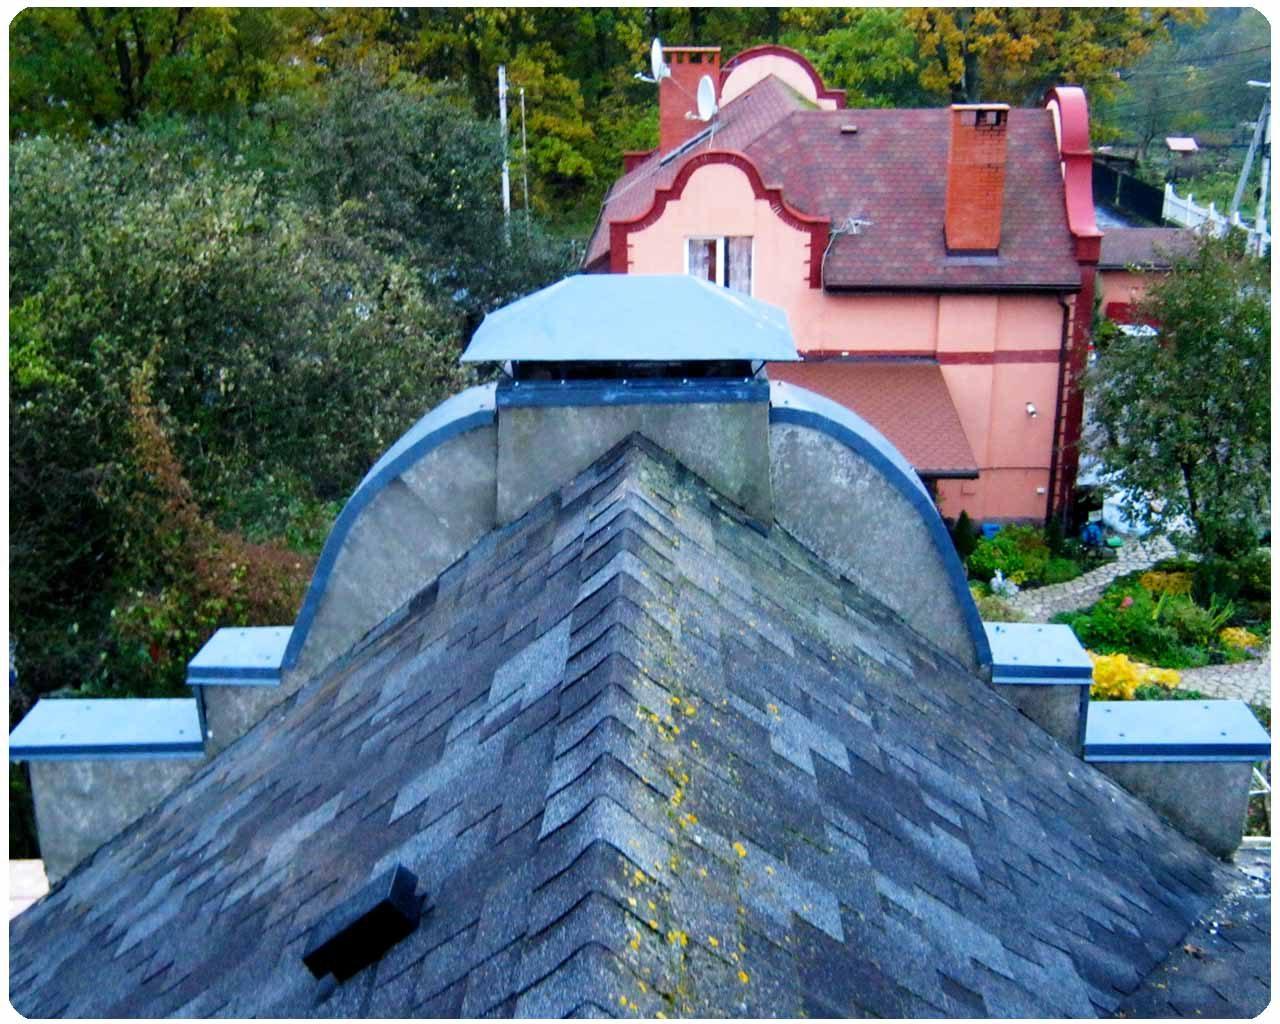 Окантовка стены металом, колпак на трубу дымохода, Частный дом